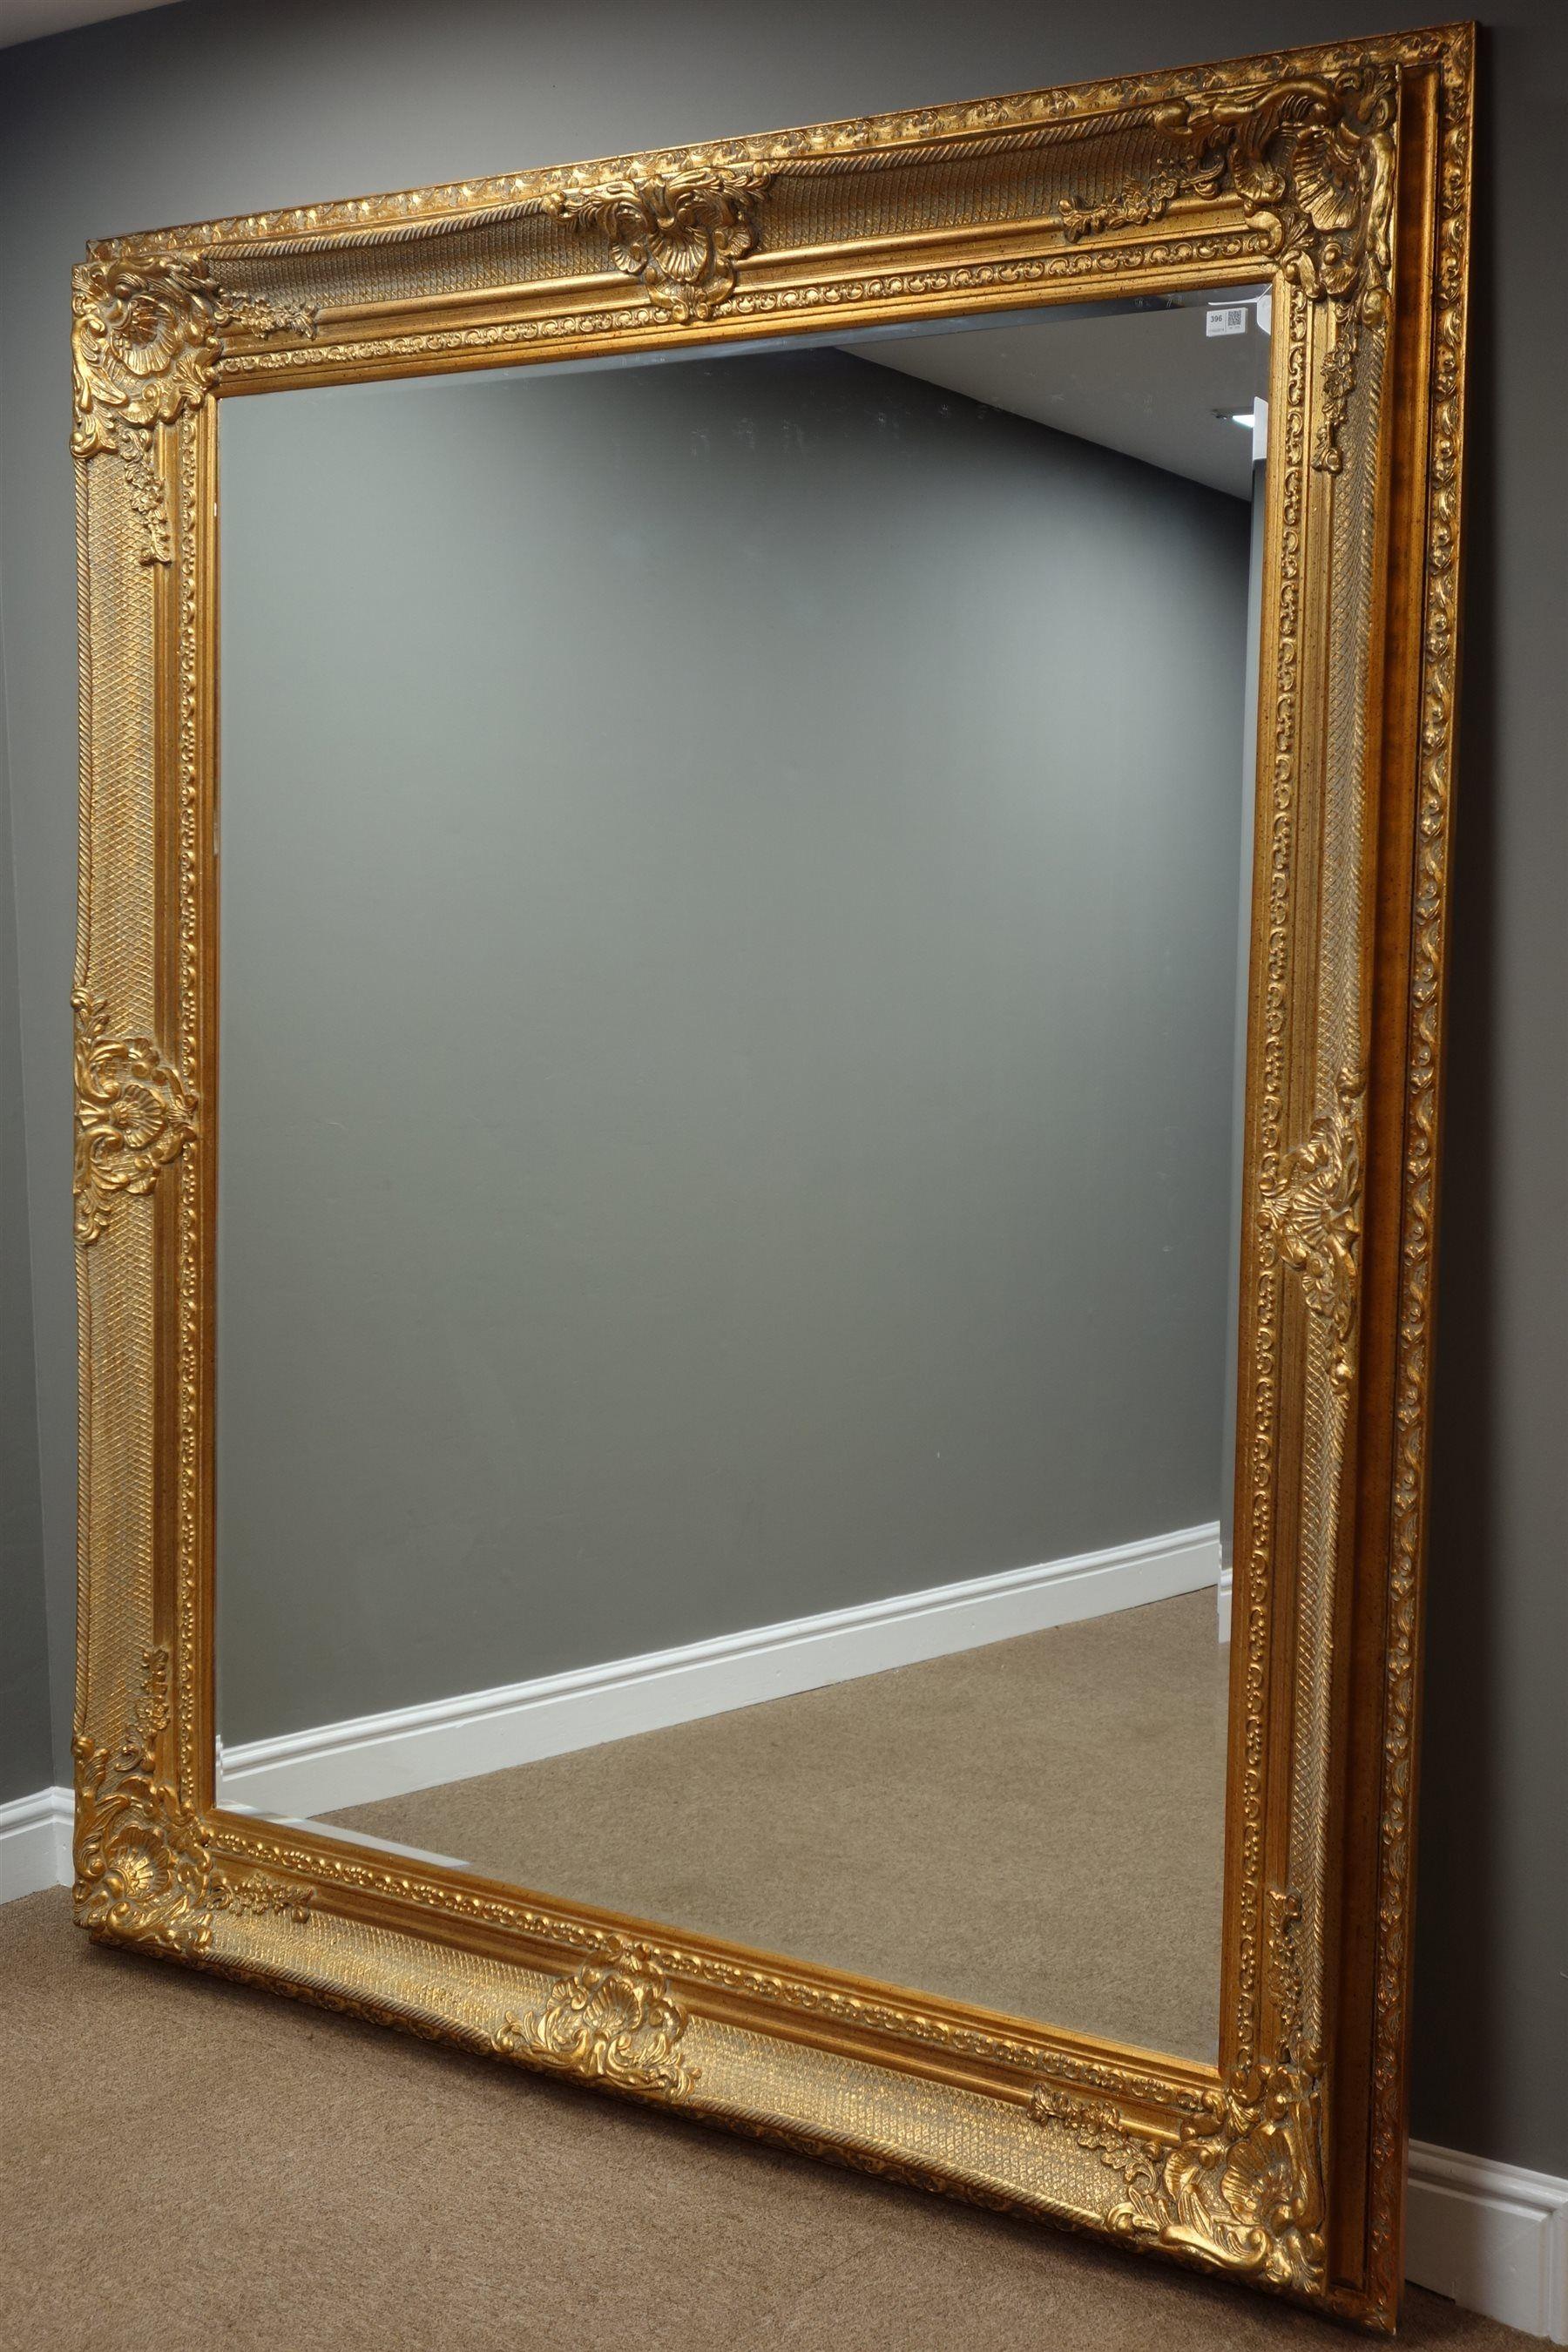 Large Rectangular Bevelled Edge Wall Mirror In Ornate Swept Gilt Frame 170cm X 200cm Duggleby Auctioneers Large Antique Mirror Large Wall Mirror Mirror Wall